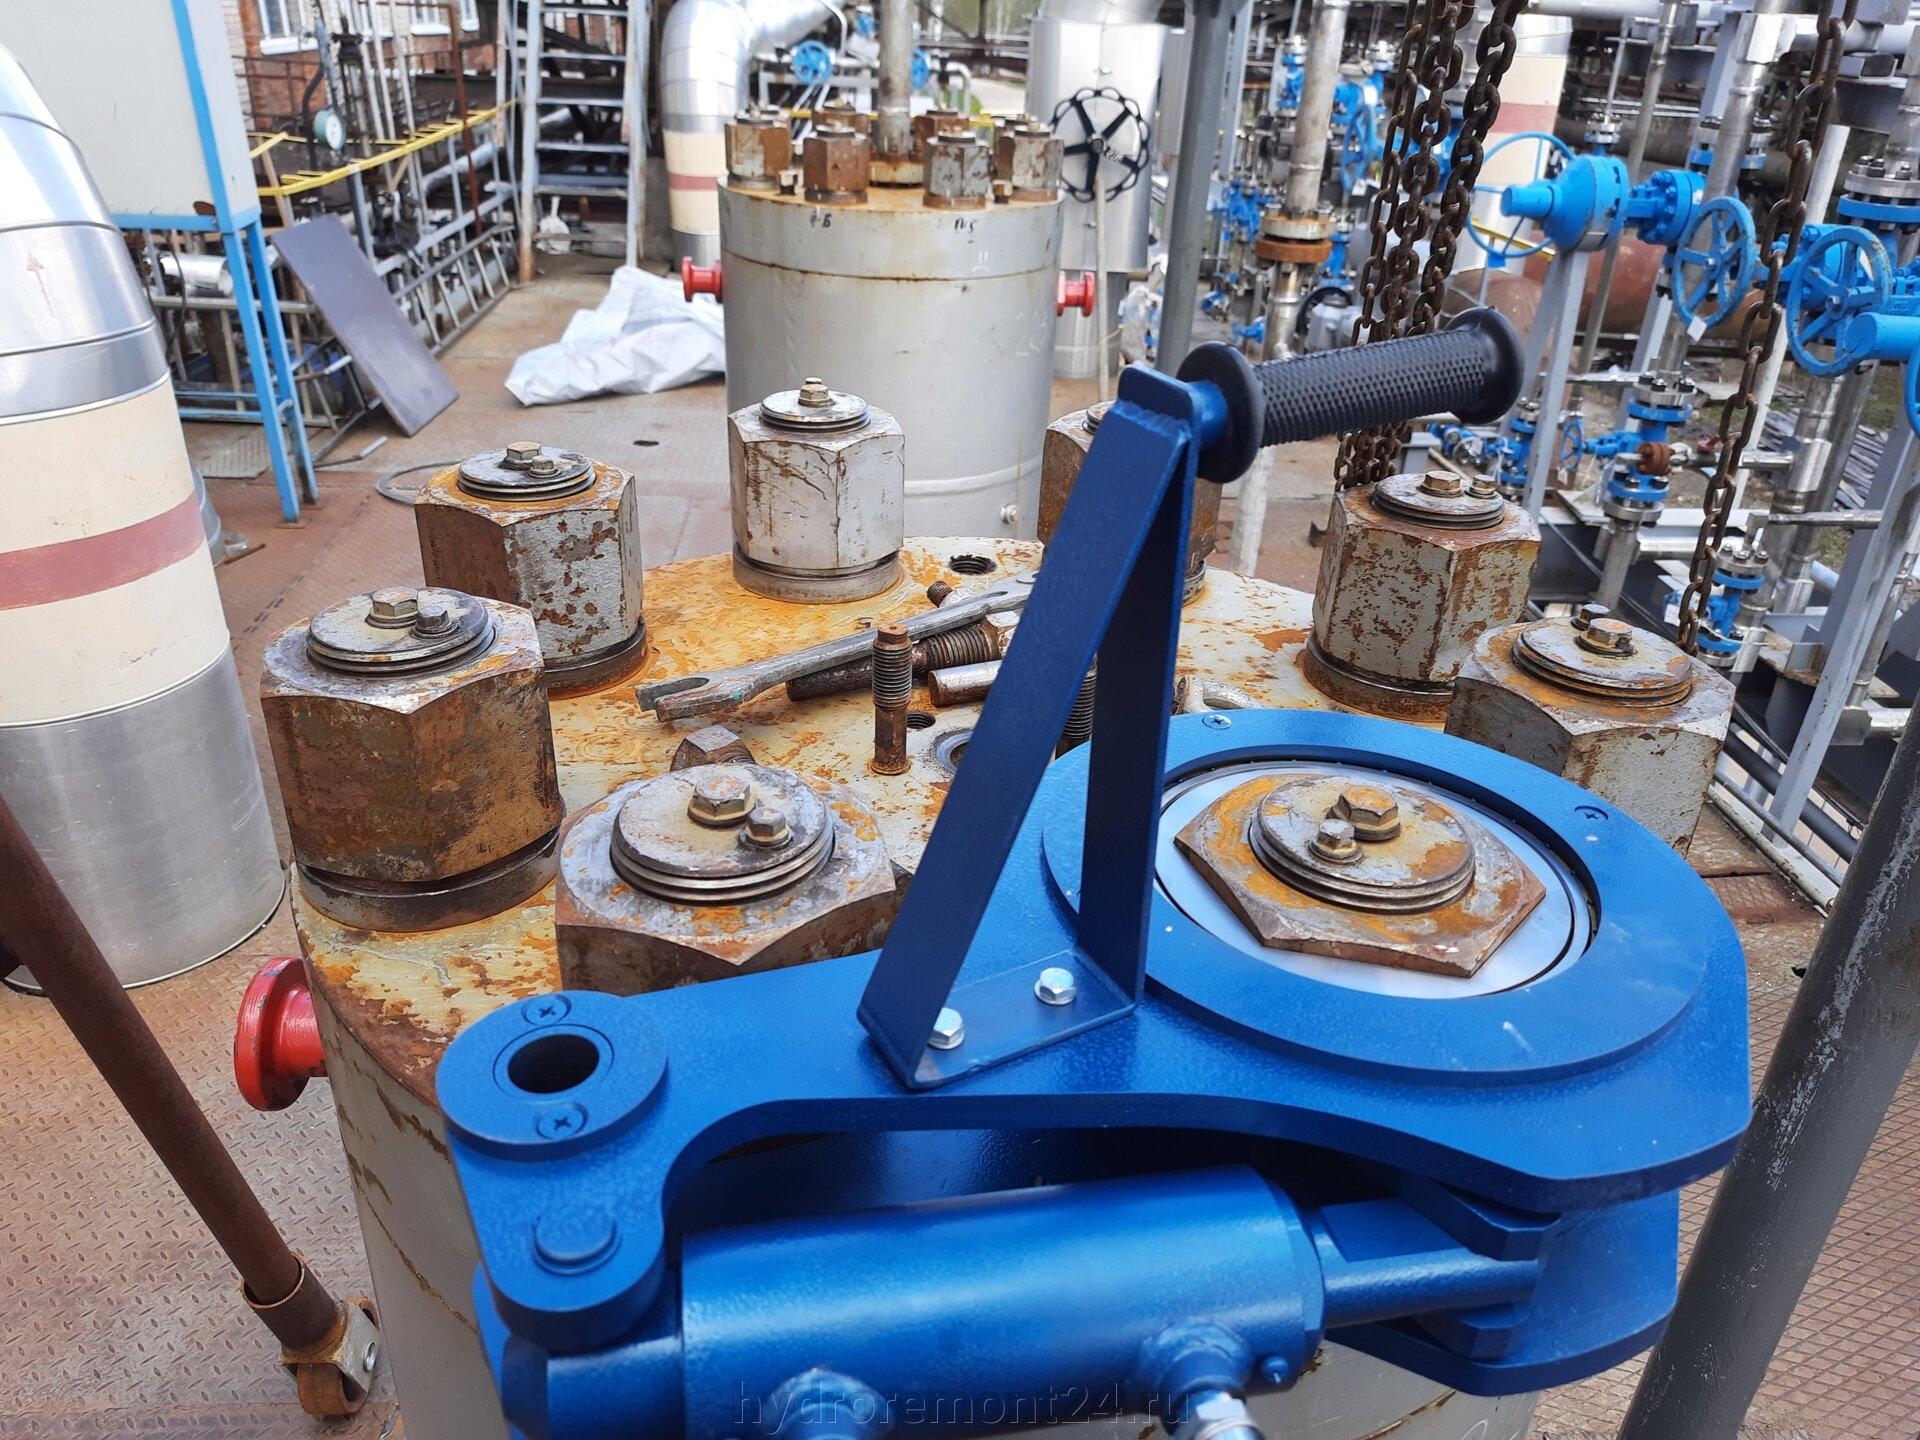 Оборудование для затяжки и откручивания гаек - фото pic_90c9c855537ddfaee3dafe919633653c_1920x9000_1.jpg